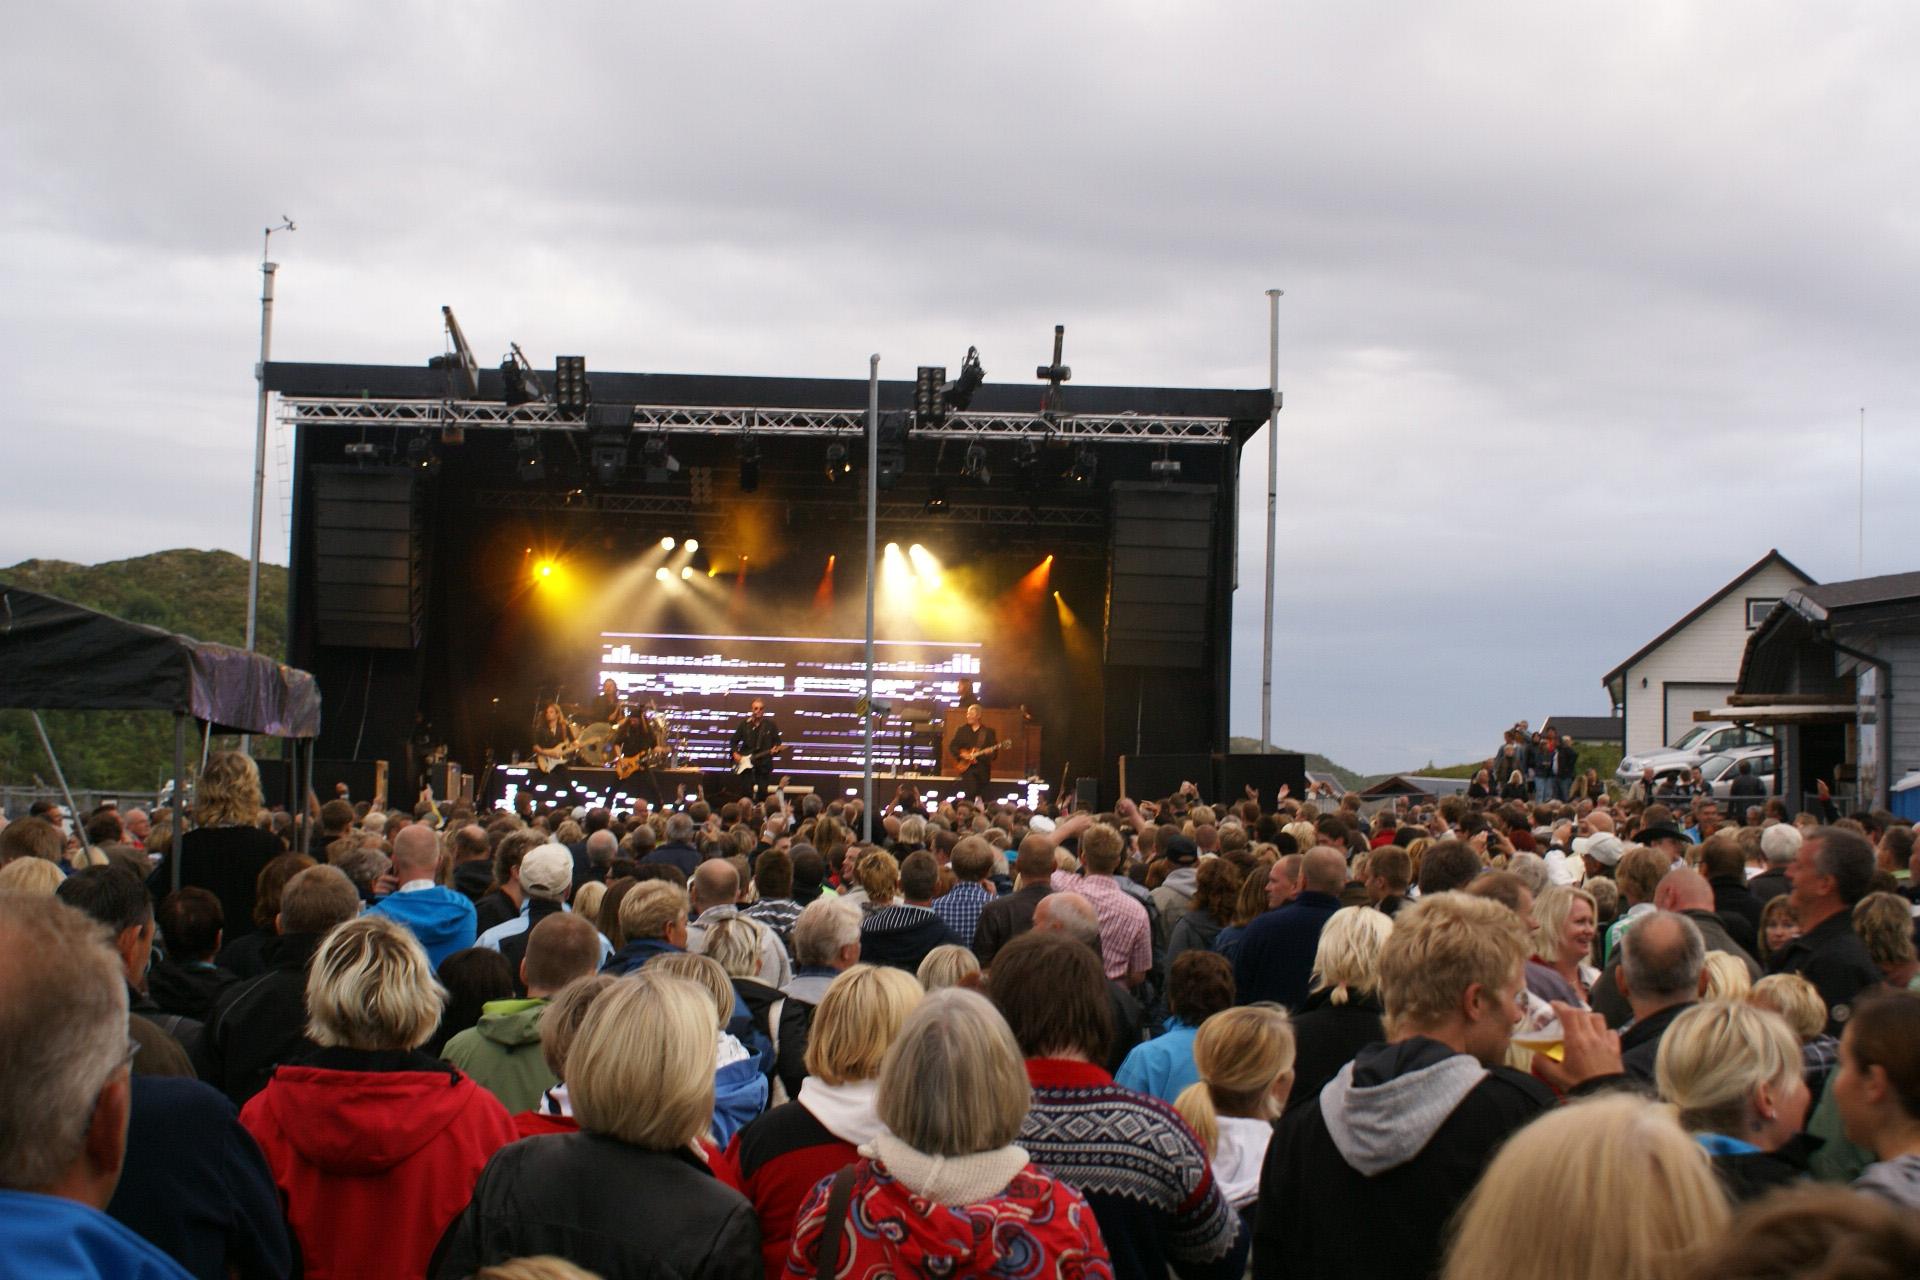 Knarren - Ågekonsert. Copyright: Knarren Brygge